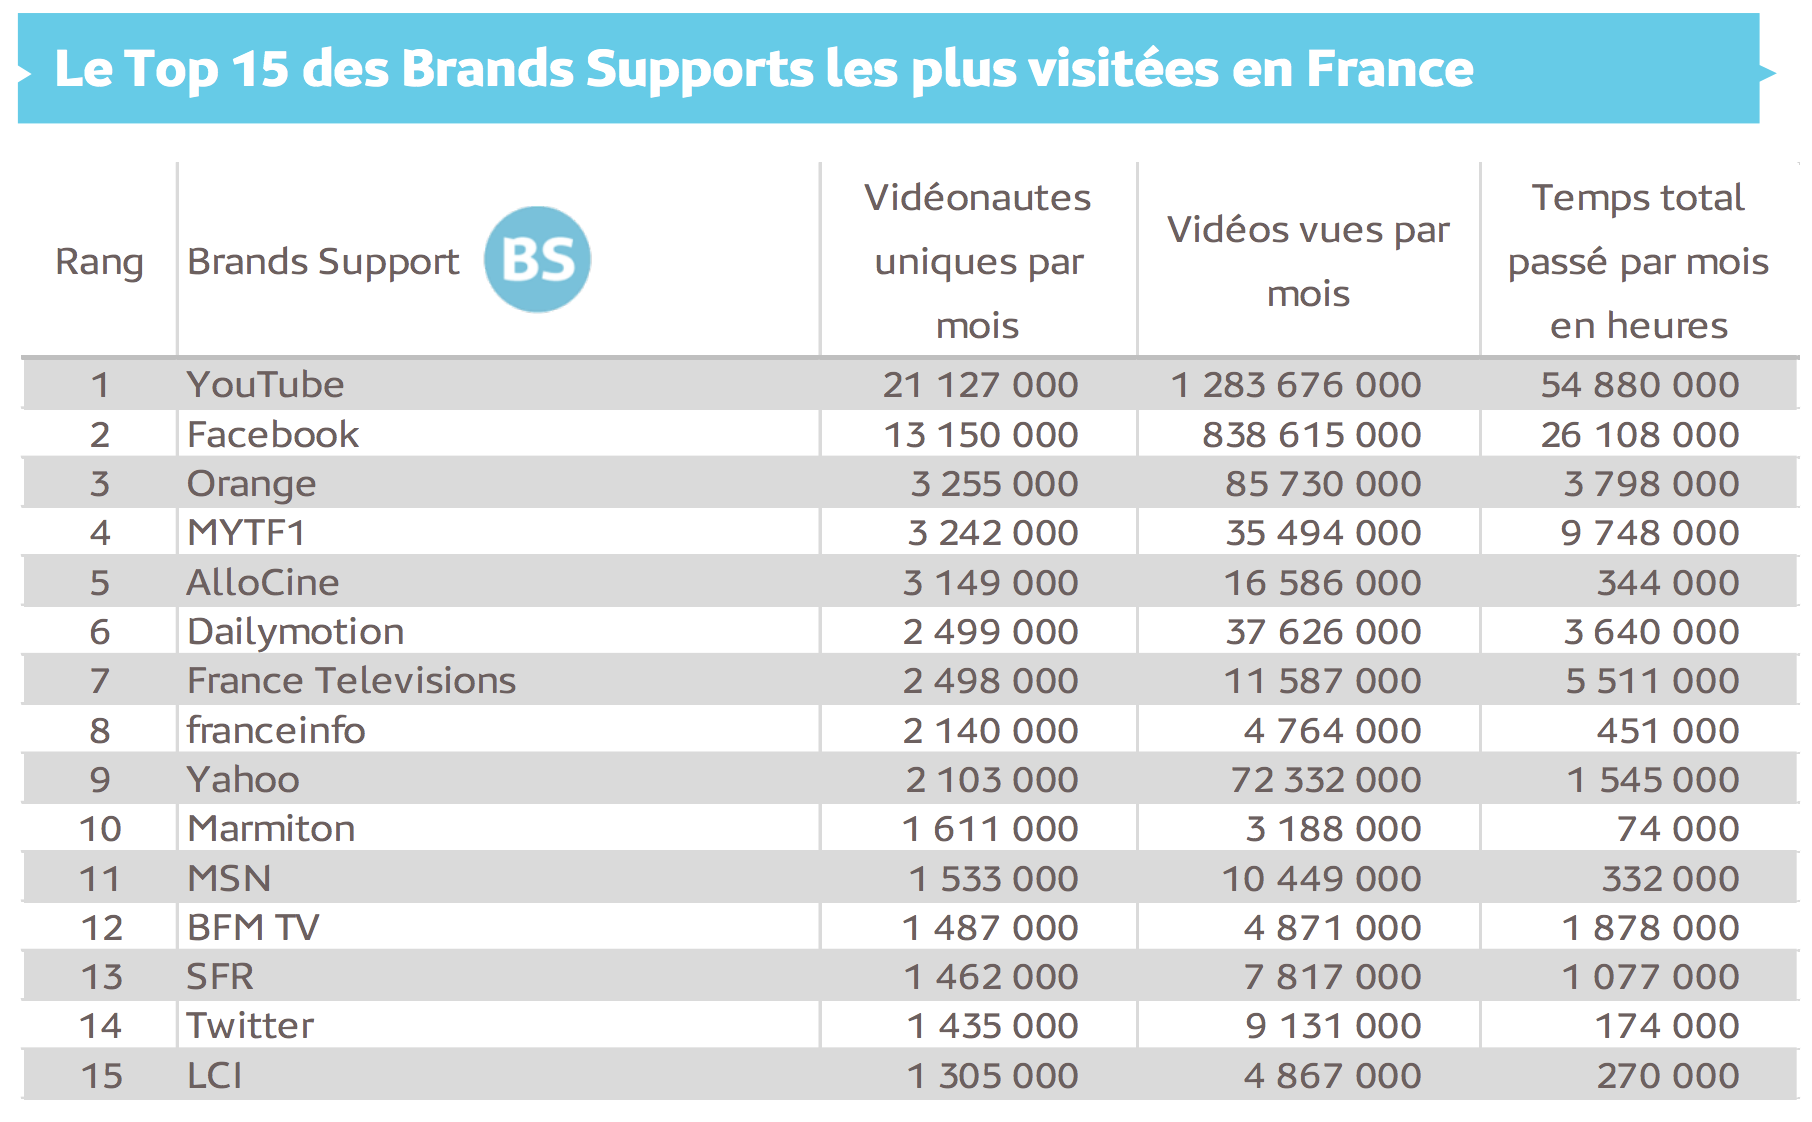 30,7 millions de Français regardent chaque mois des vidéos